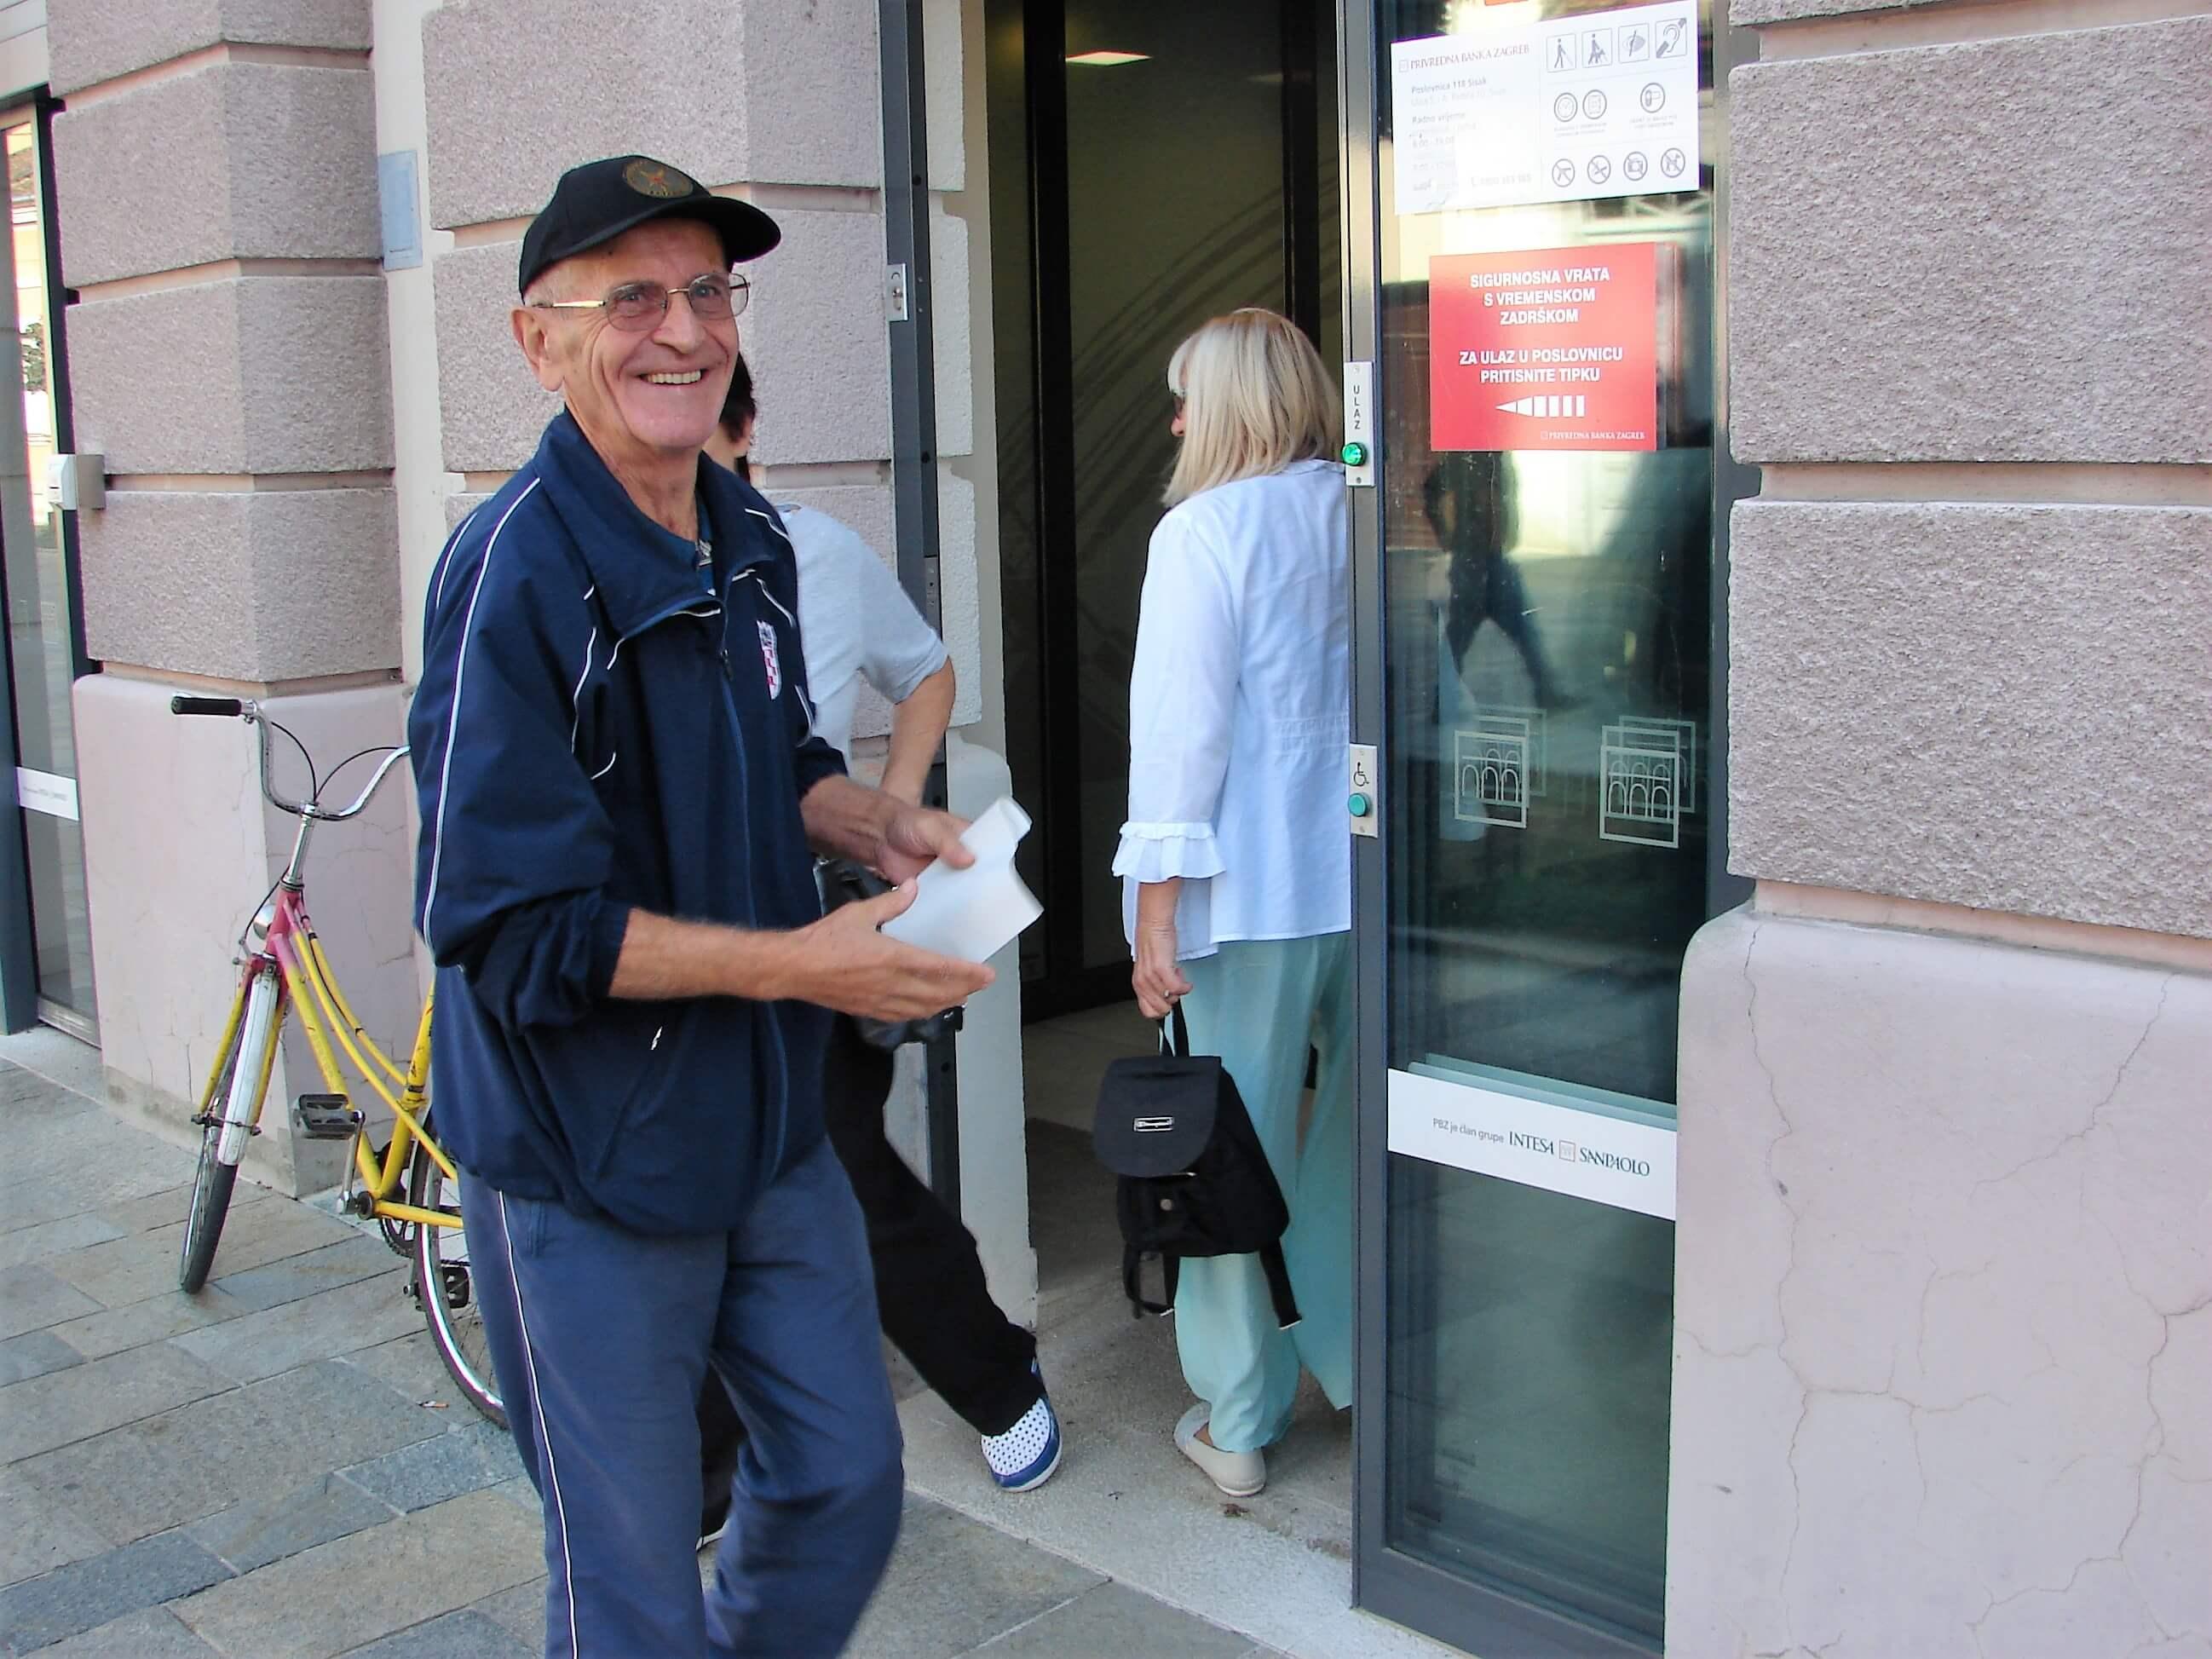 Umirovljenici stvaraju gužve pred bankama, HUB im poslao važnu poruku!